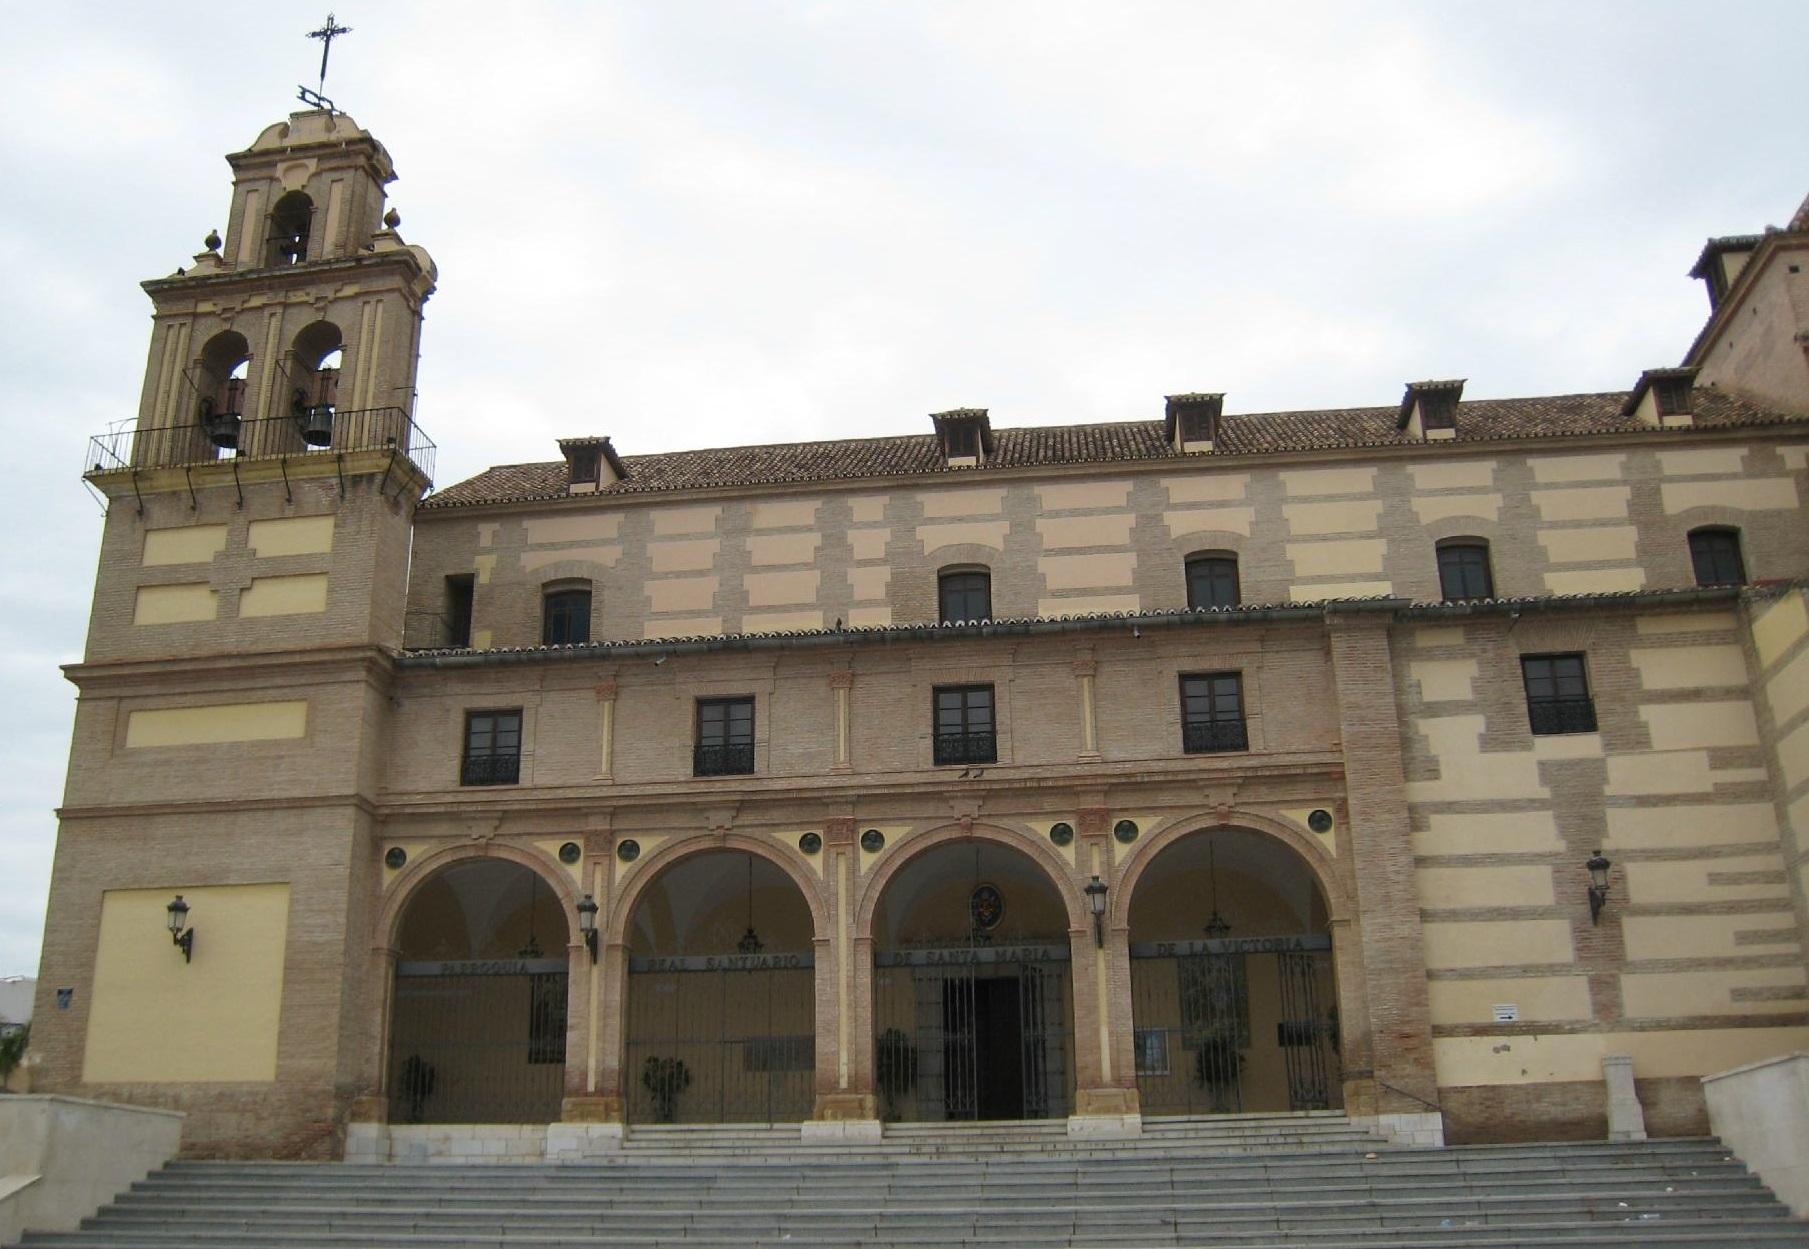 Достопримечательности Малаги - Базилика Санта-Мария-де-ла-Виктория